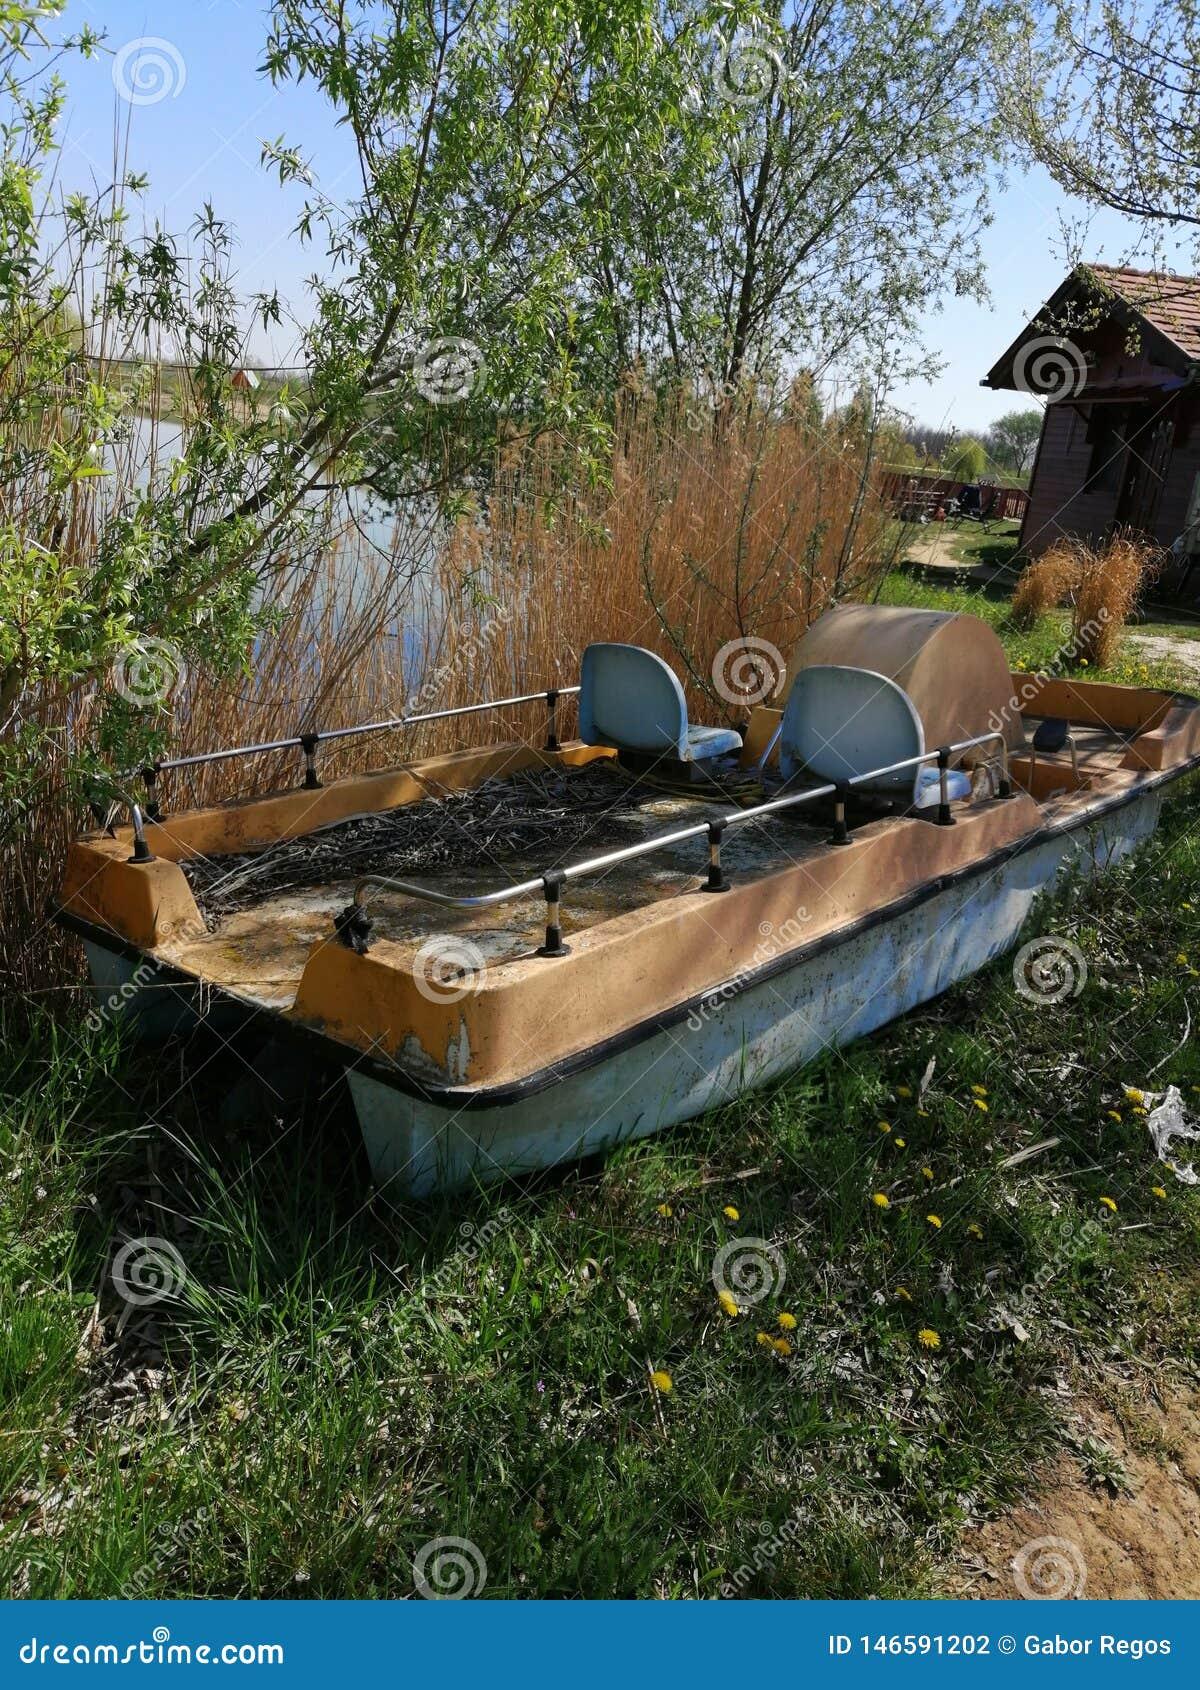 Barco abandonado ao lado de um lago